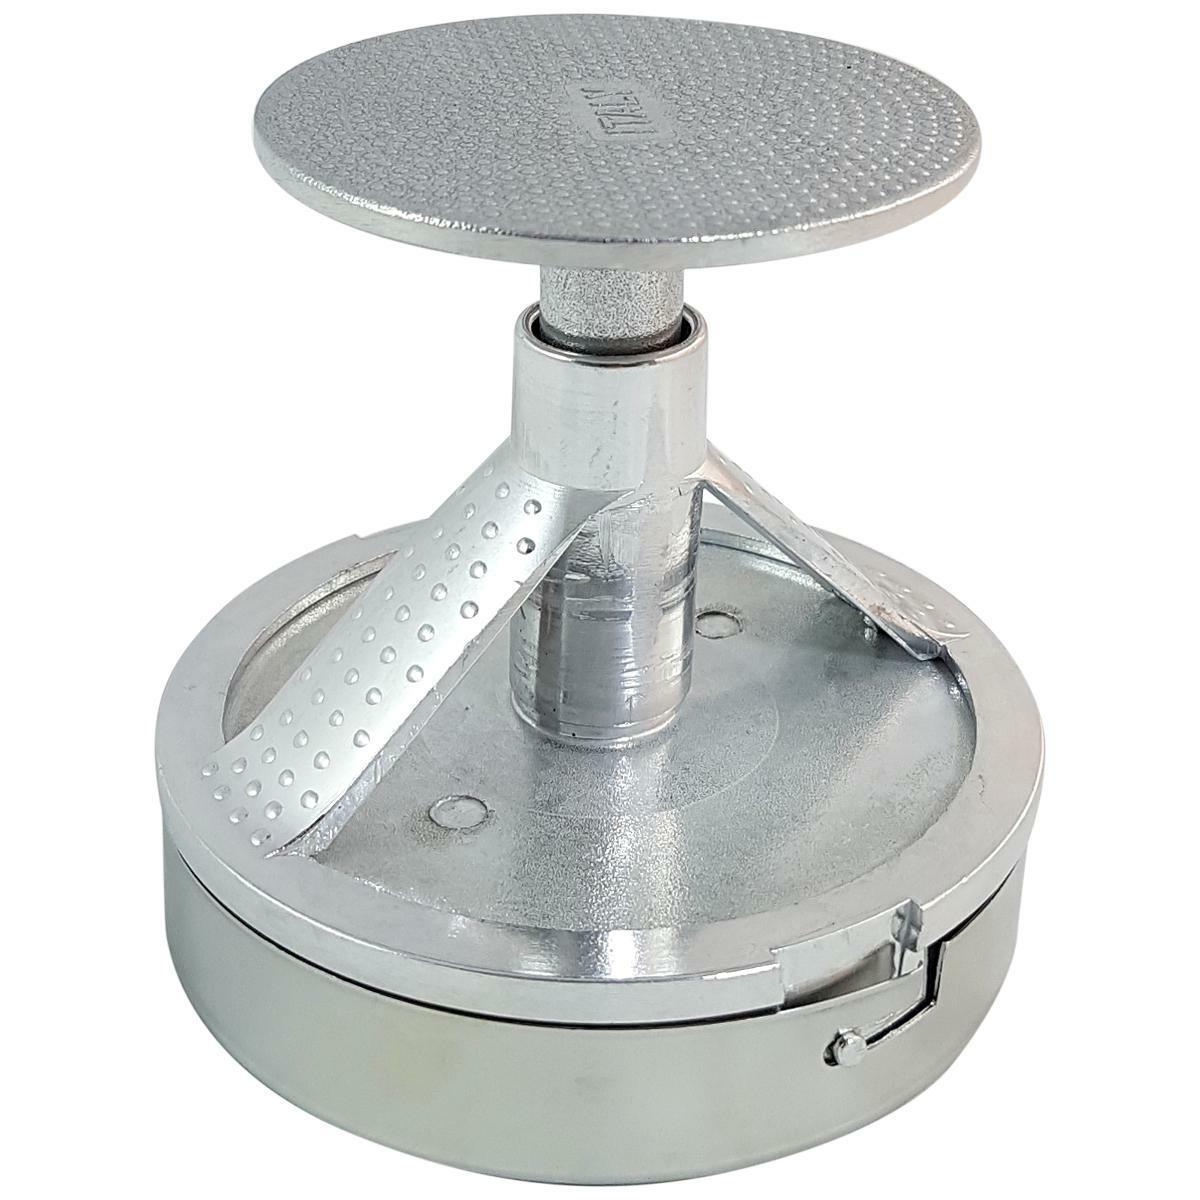 calder hamburgeriera: stampo per hamburger in alluminio e acciaio